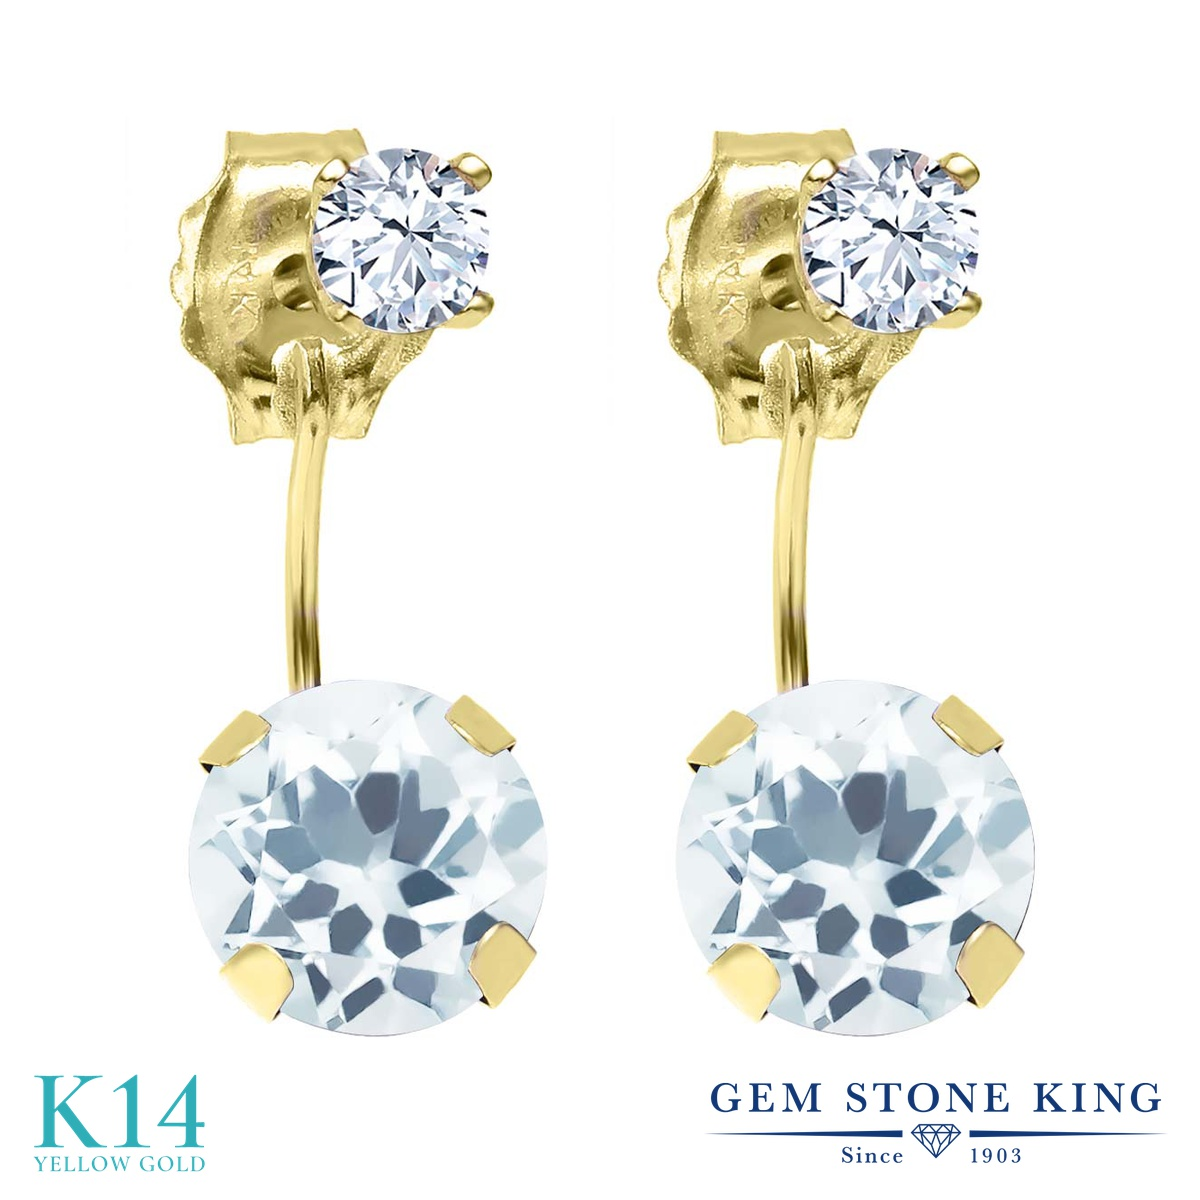 Gem Stone King 1.78カラット 天然アクアマリン 天然トパーズ(無色透明) 14金 イエローゴールド(K14) ピアス レディース ぶら下がり 天然石 誕生石 金属アレルギー対応 誕生日プレゼント